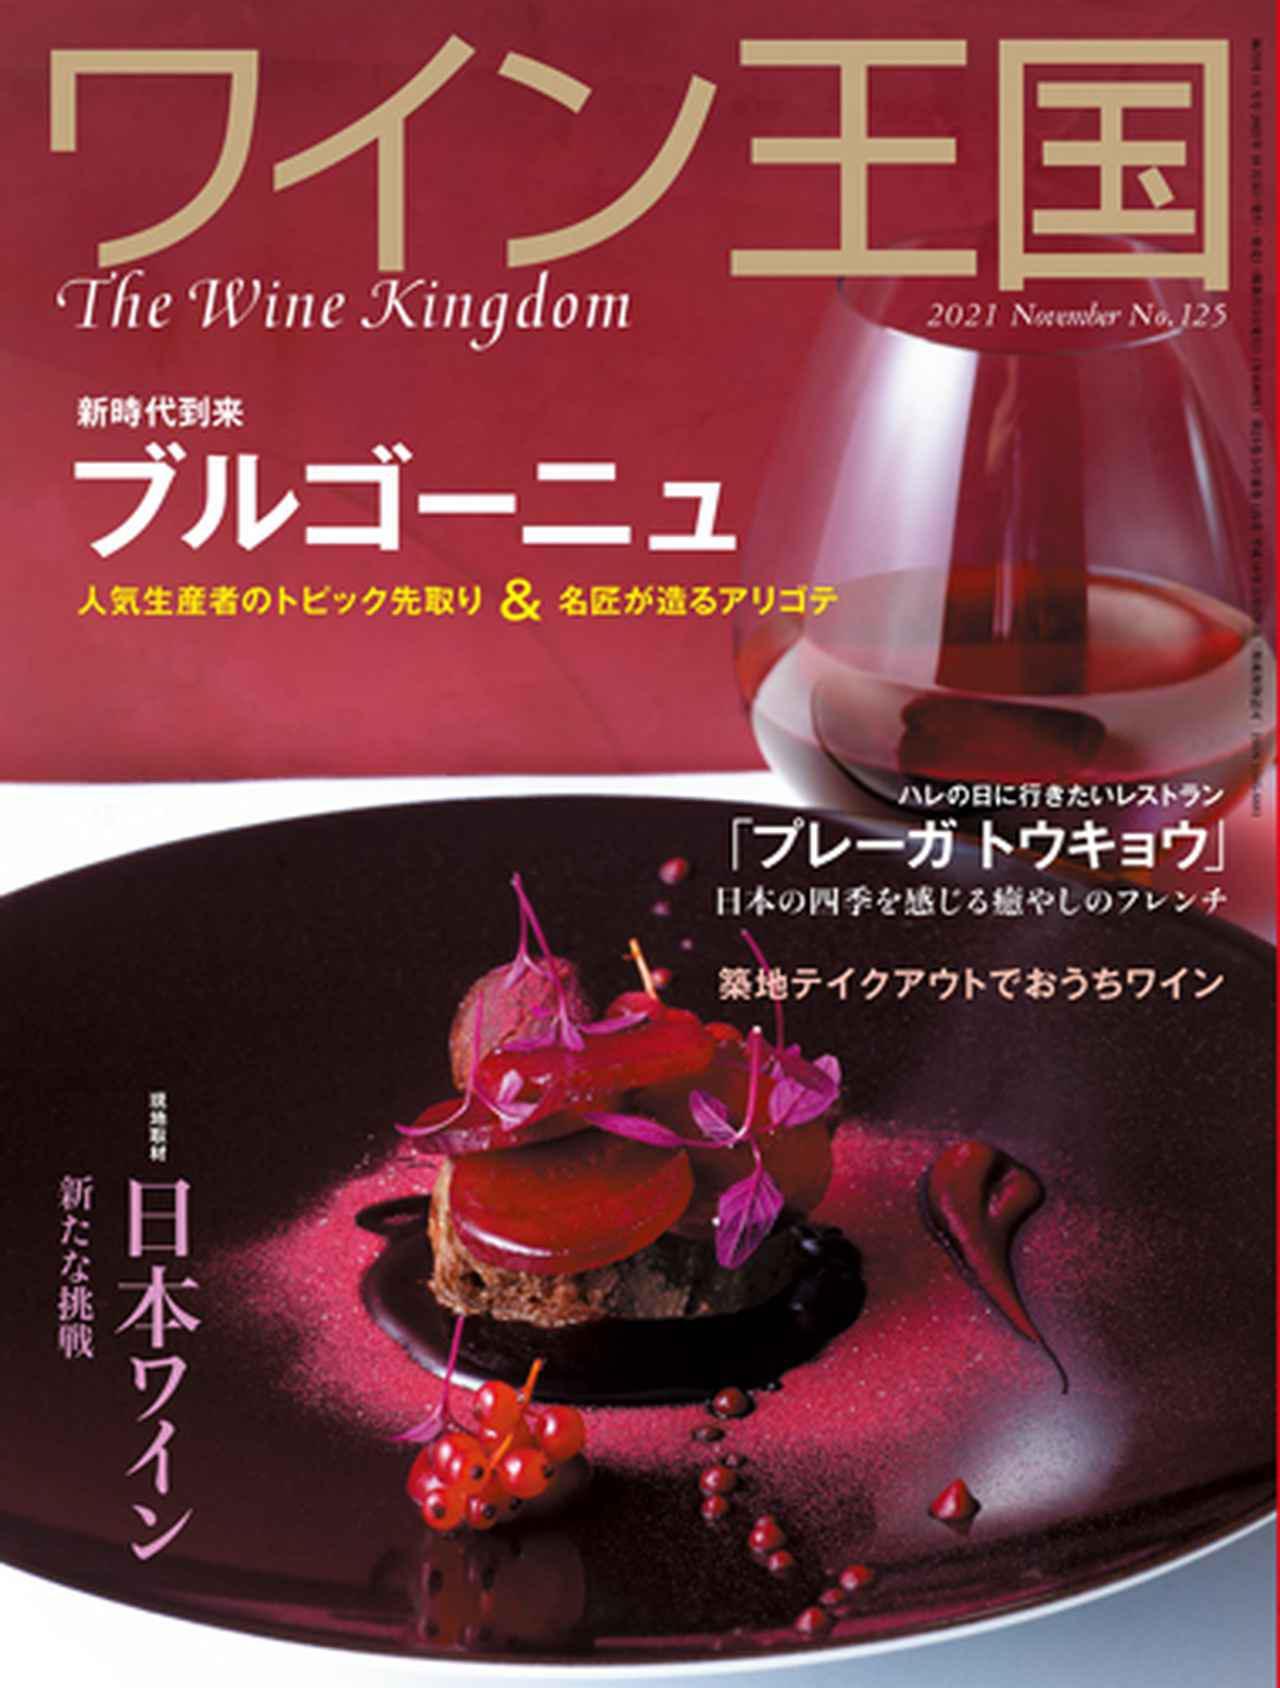 画像1: ワイン王国125号発売中!ブルゴーニュ特集や日本ワイン特集など盛りだくさんの内容です